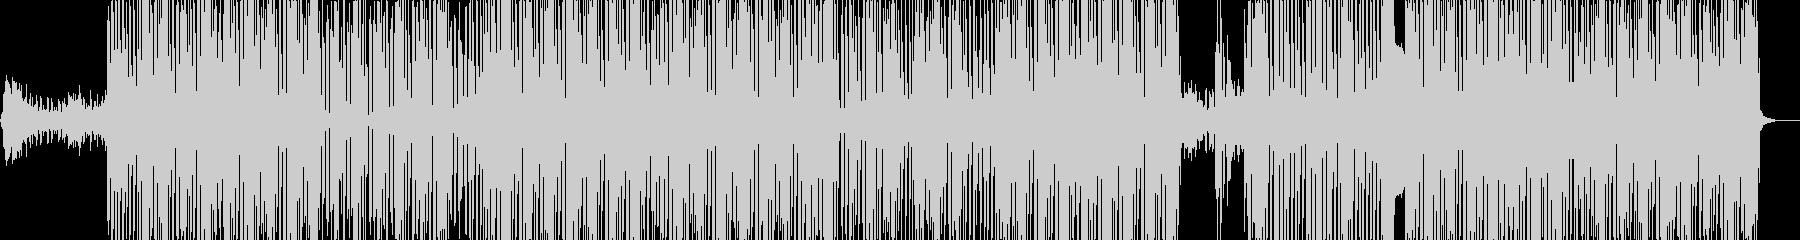 空気感のあるダイナミックでポジティ...の未再生の波形